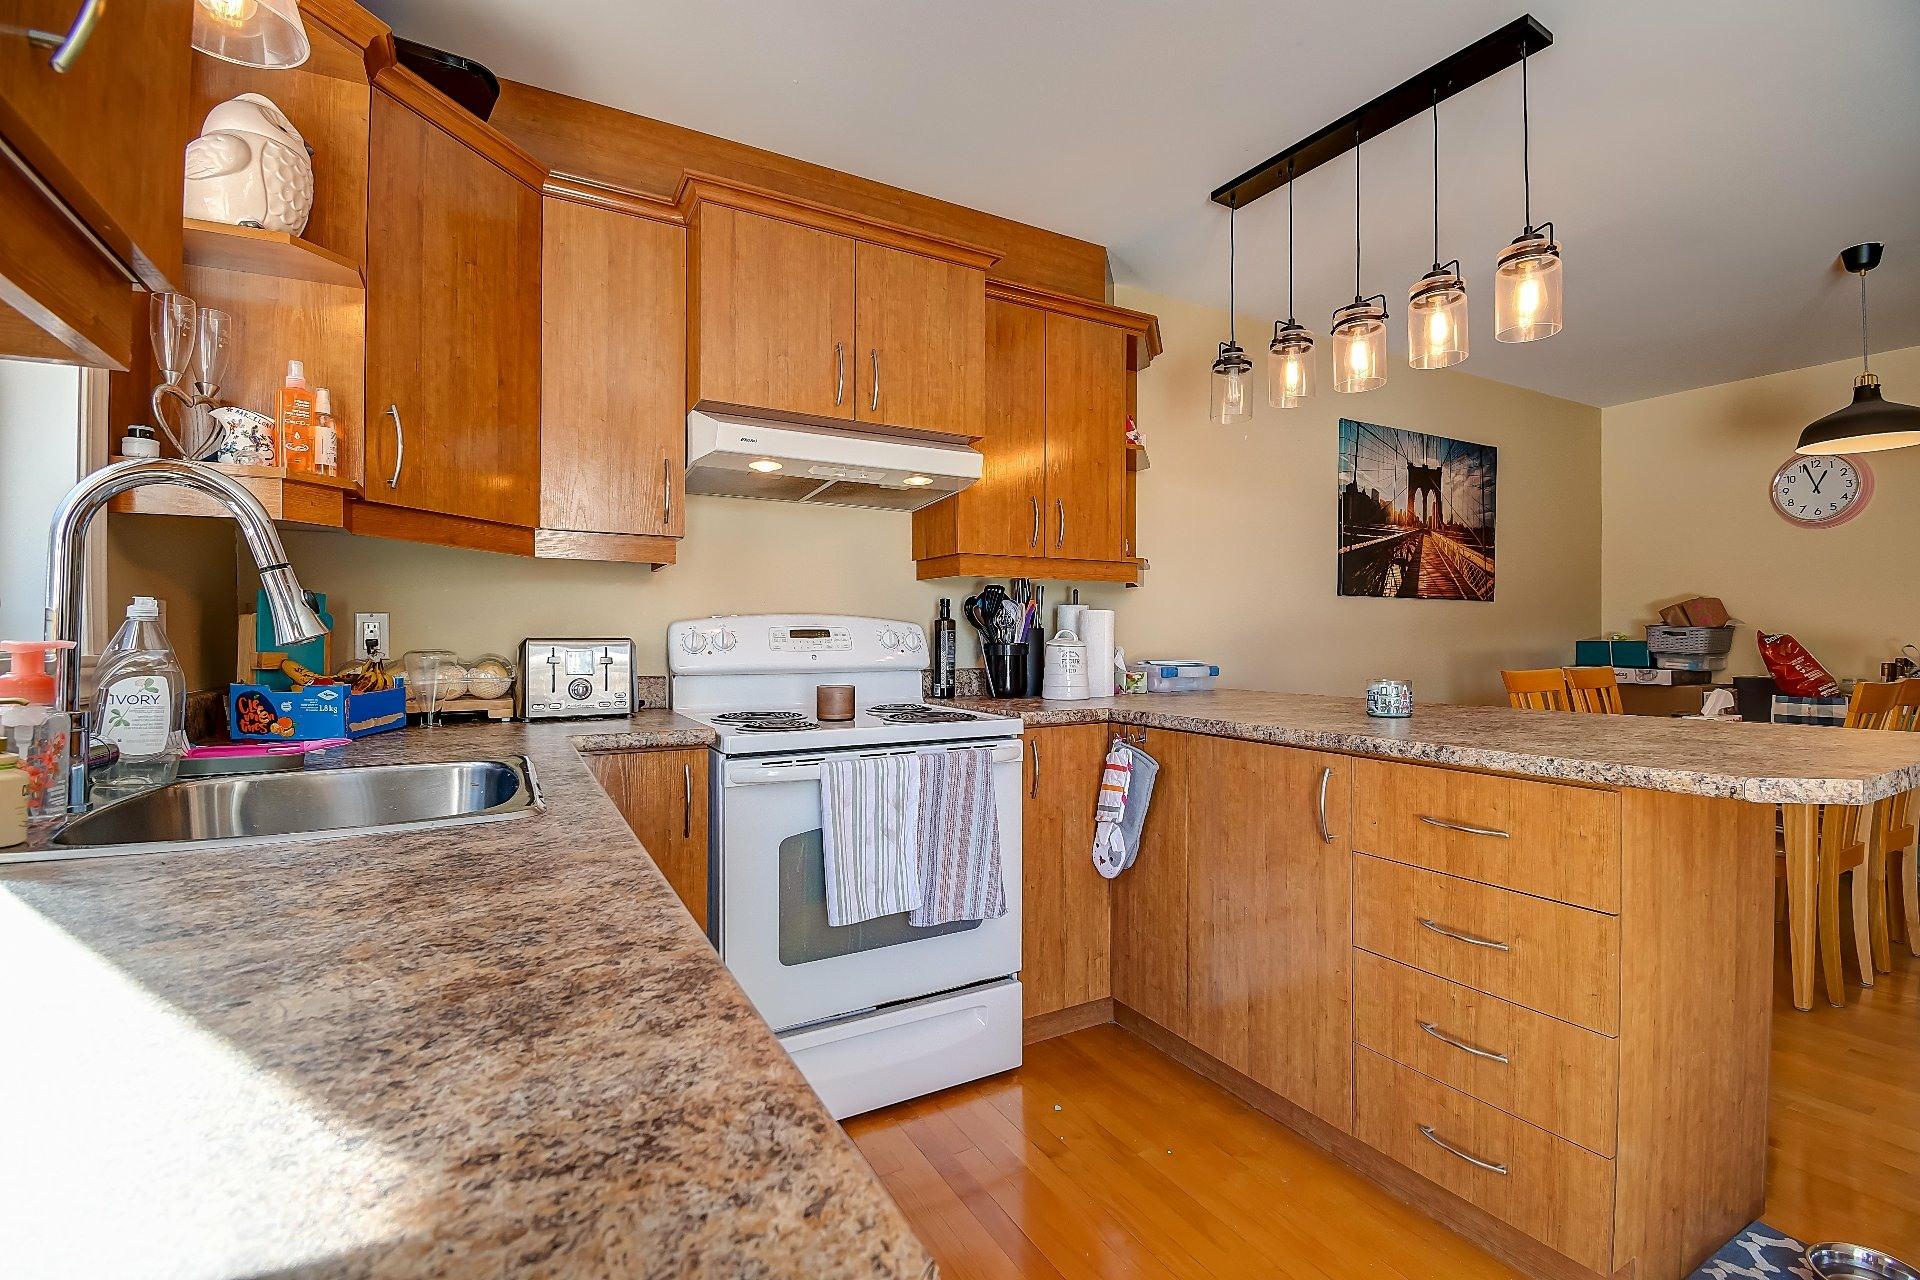 image 4 - Maison À vendre Trois-Rivières - 10 pièces